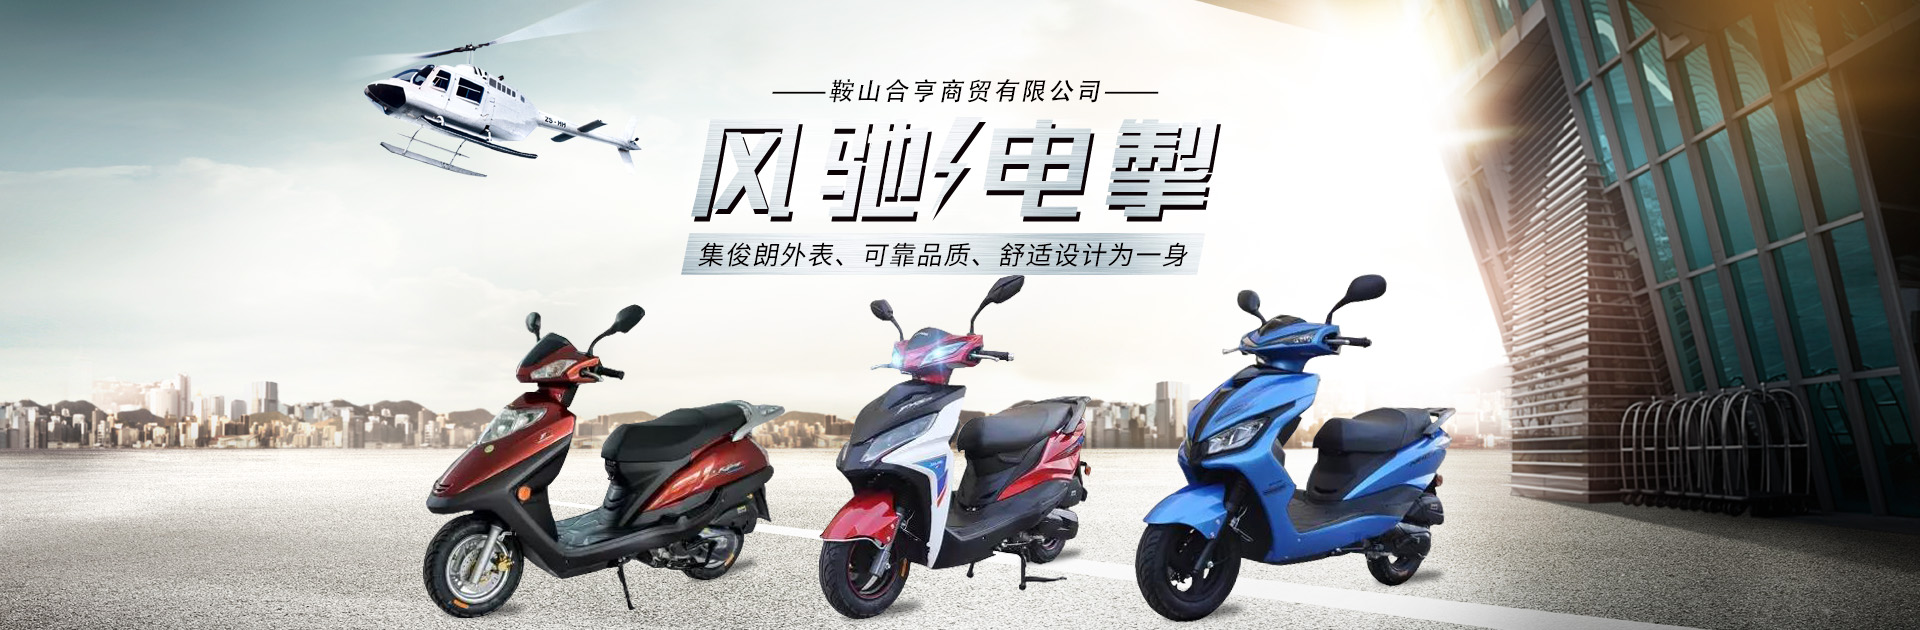 光阳摩托车厂家